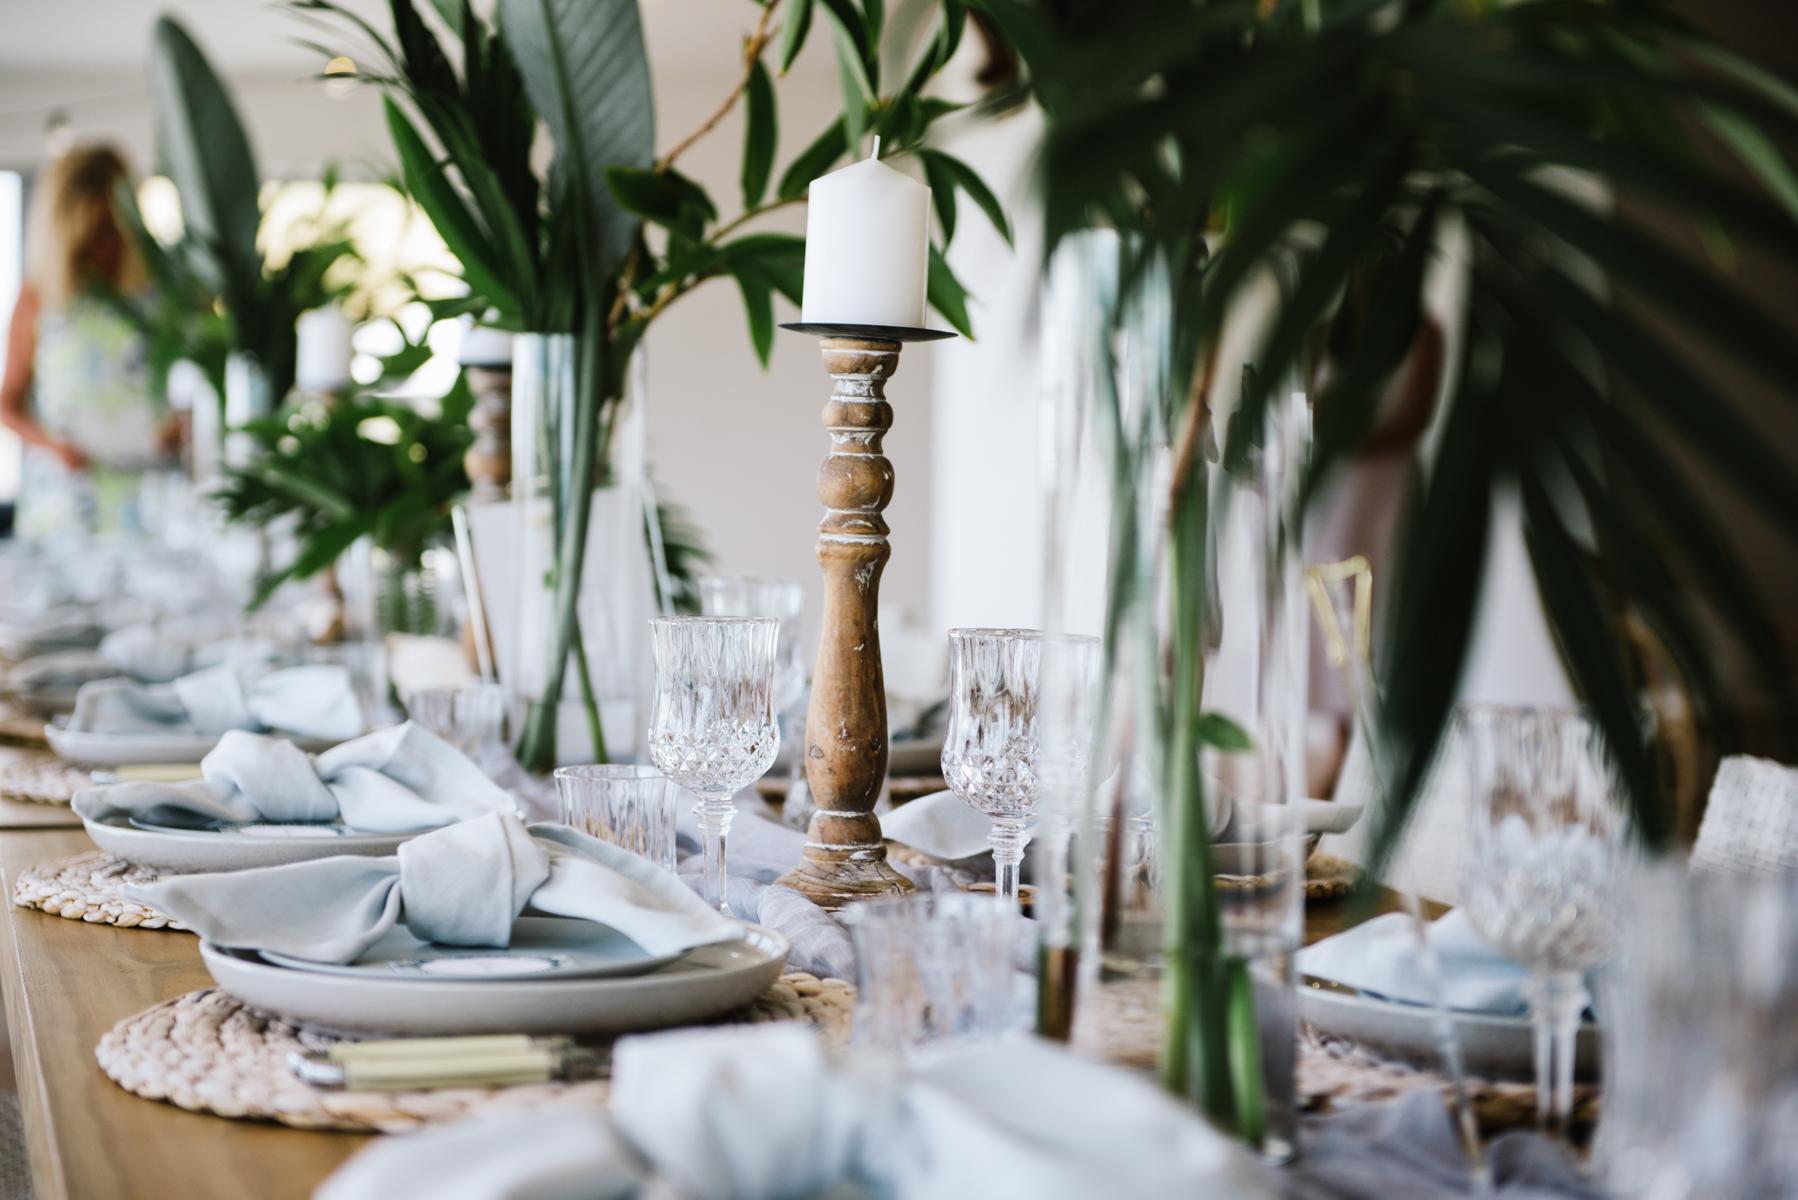 babalou-wedding- skyla sage photography weddings, families, byron bay,tweed coast,kingscliff,cabarita,gold coast-159.jpg